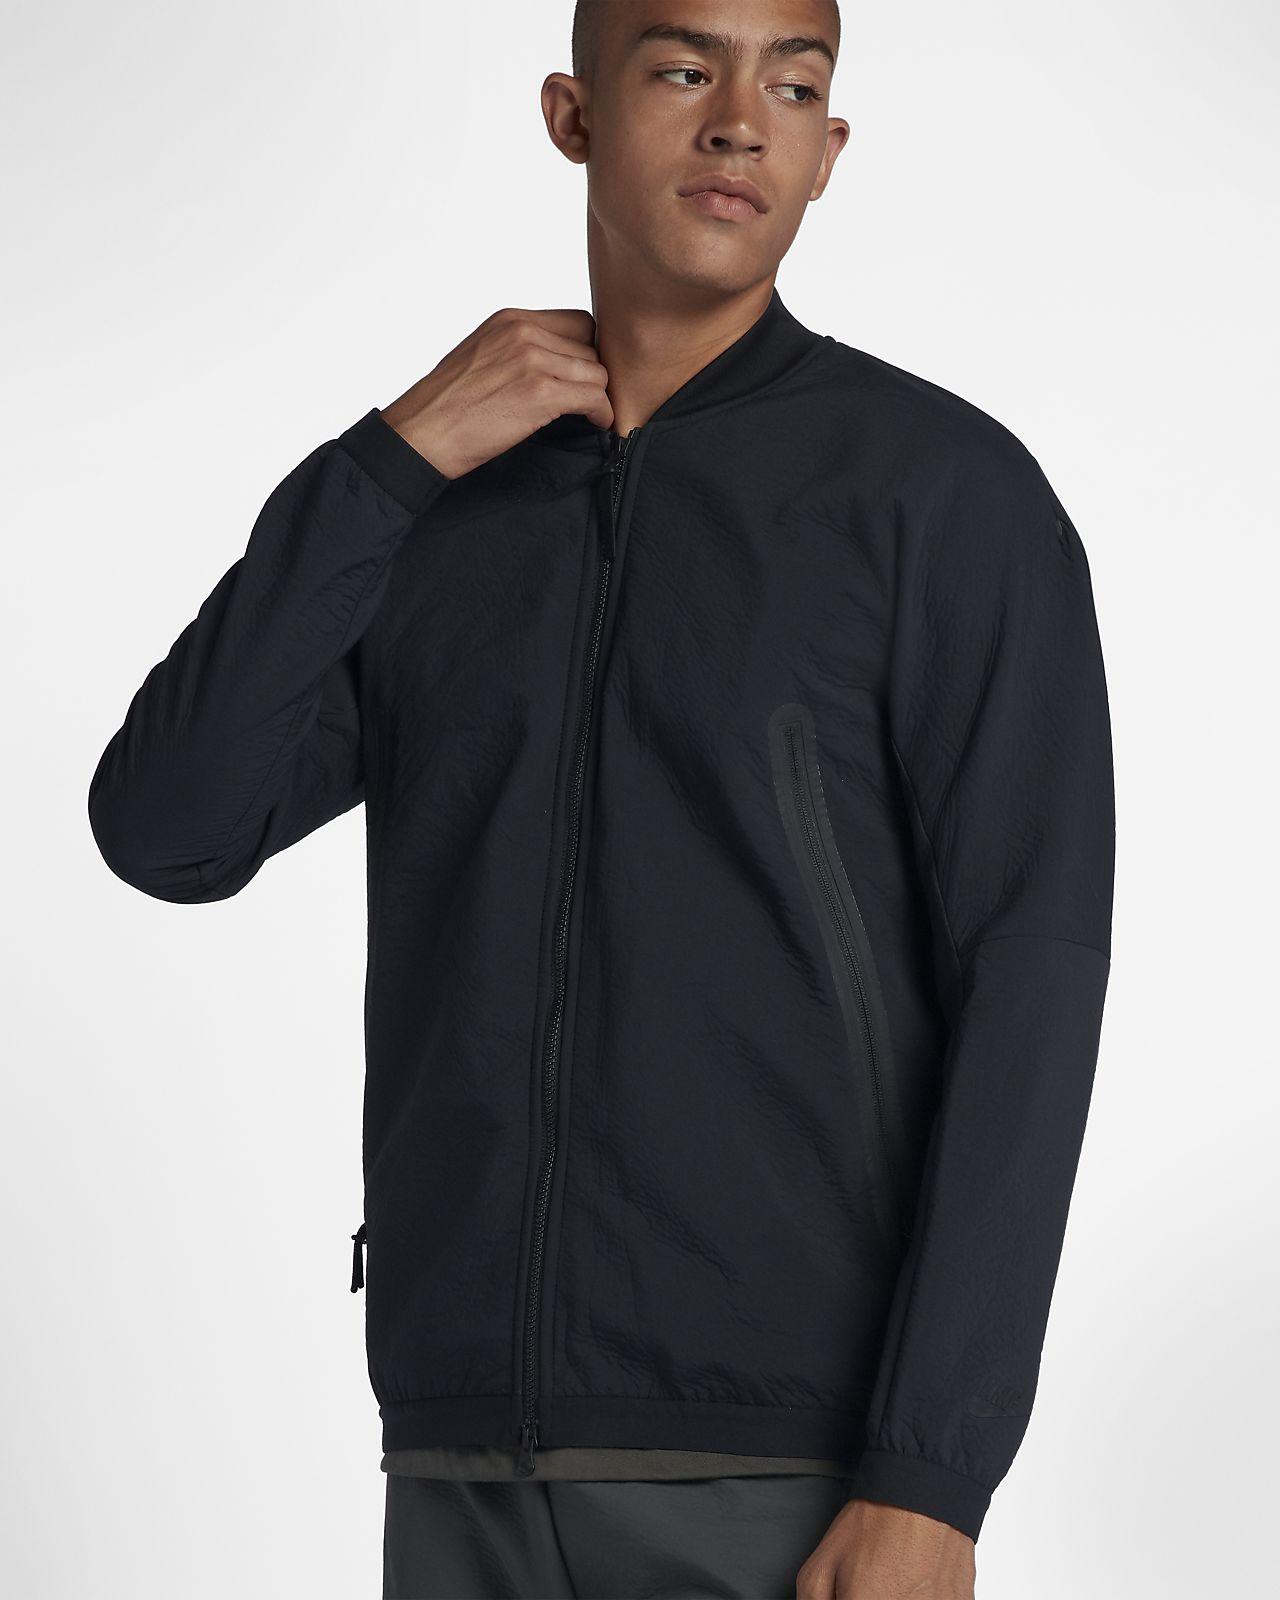 Nike Sportswear Tech Pack Woven Track Jacket